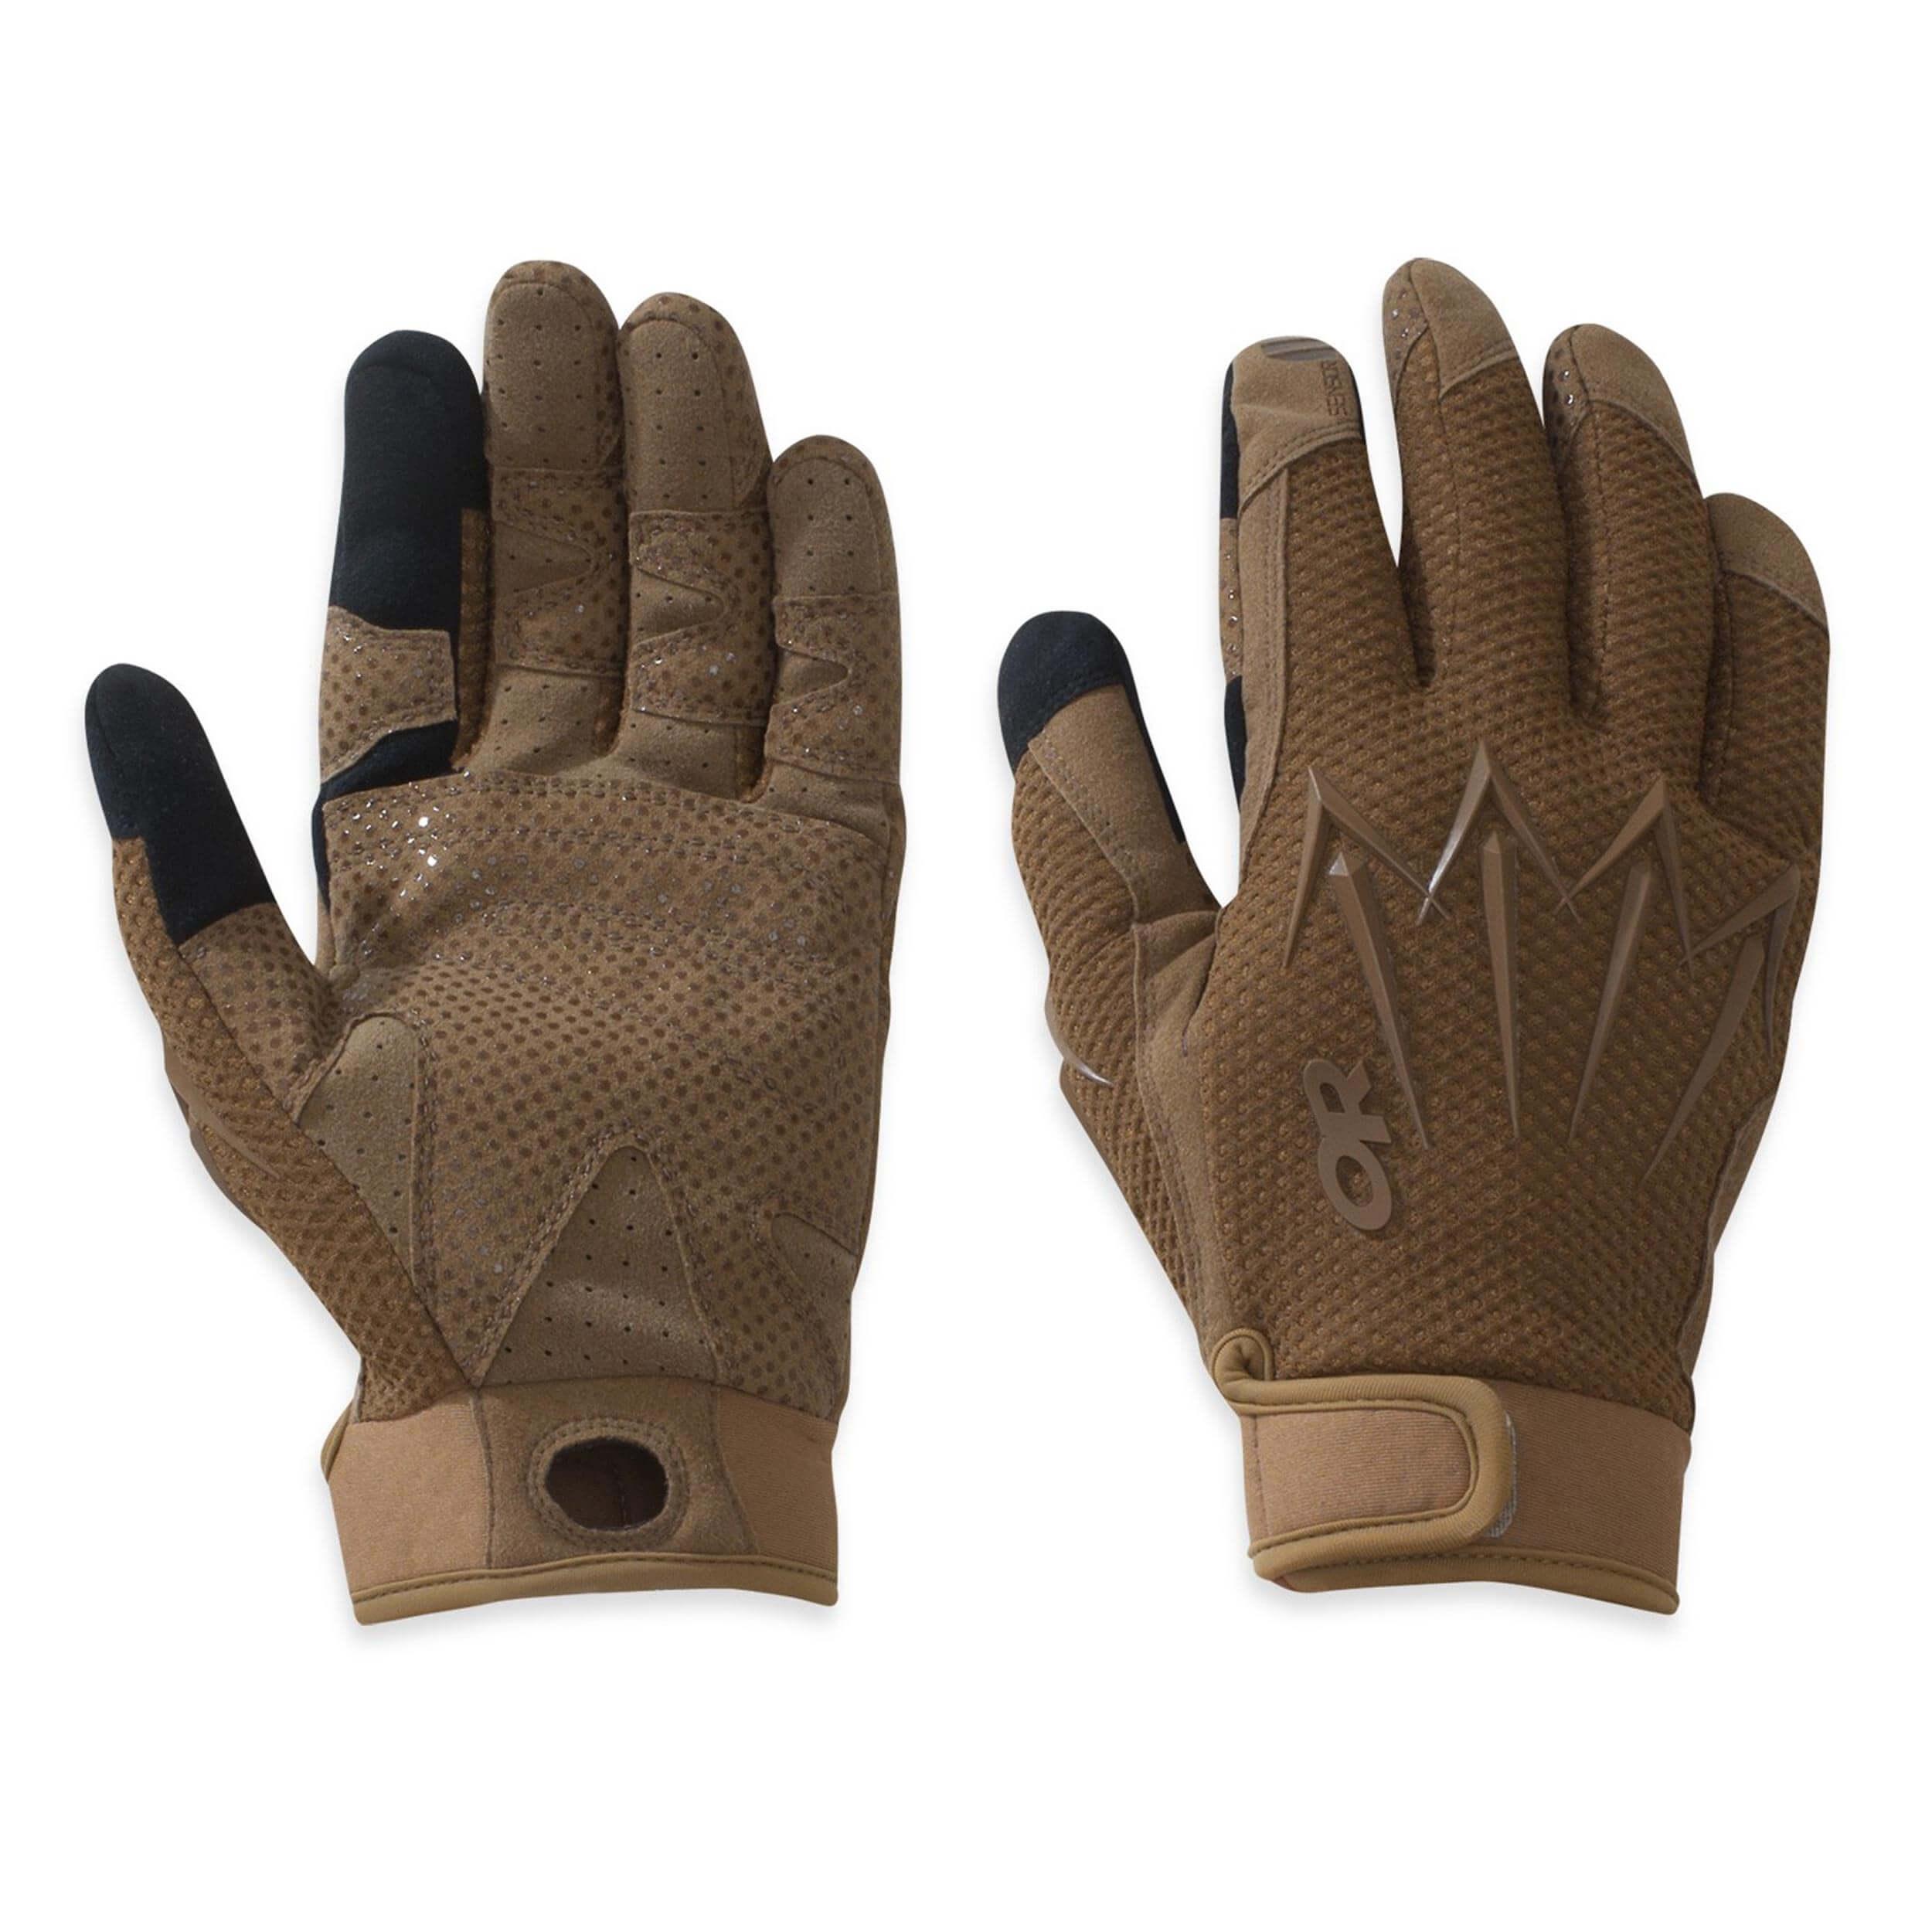 Outdoor Research Halberd Gloves coyote